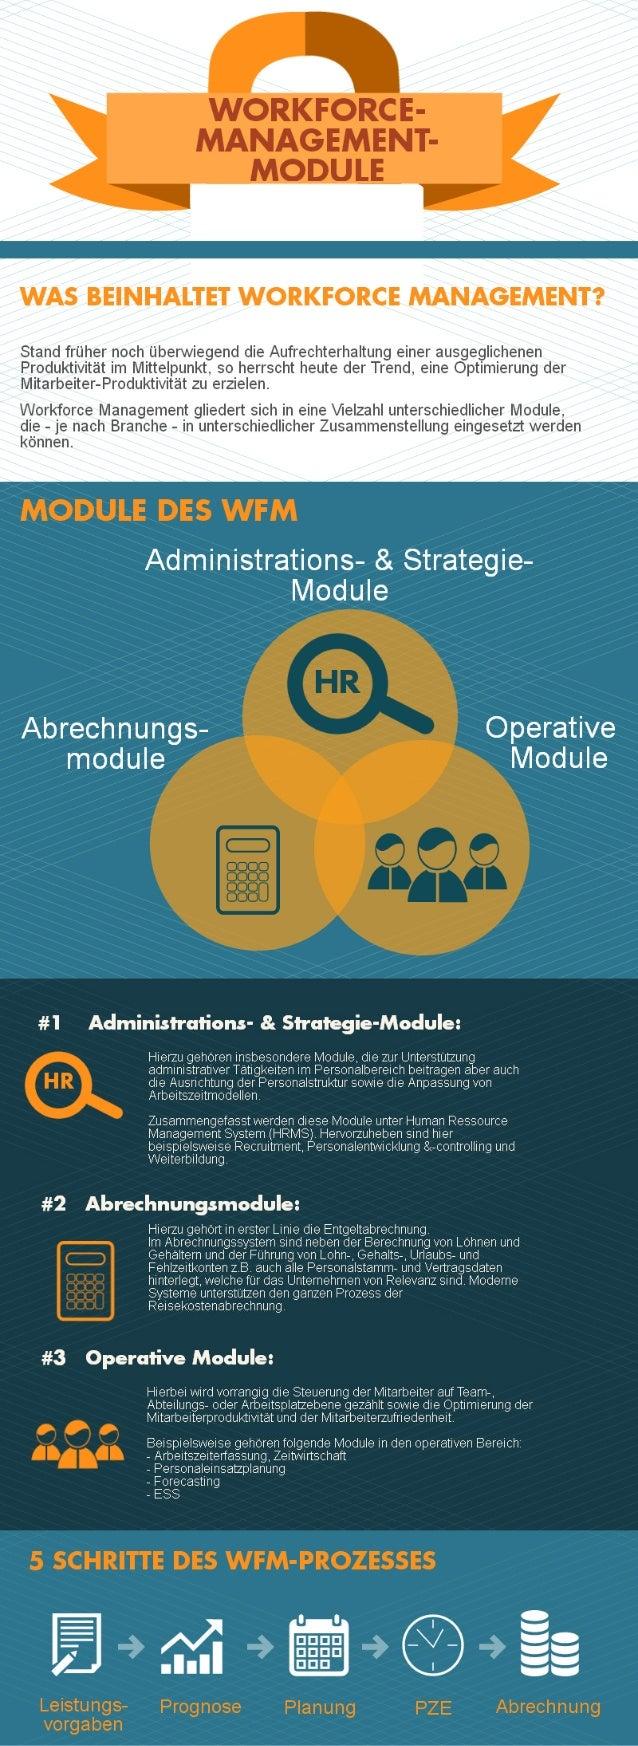 Administrations- & Strategie- Module  Abrechnungs- Operative module Module  #1 Acåminisivcâiions- 8: Siii-cëiiegie-Fviociu...